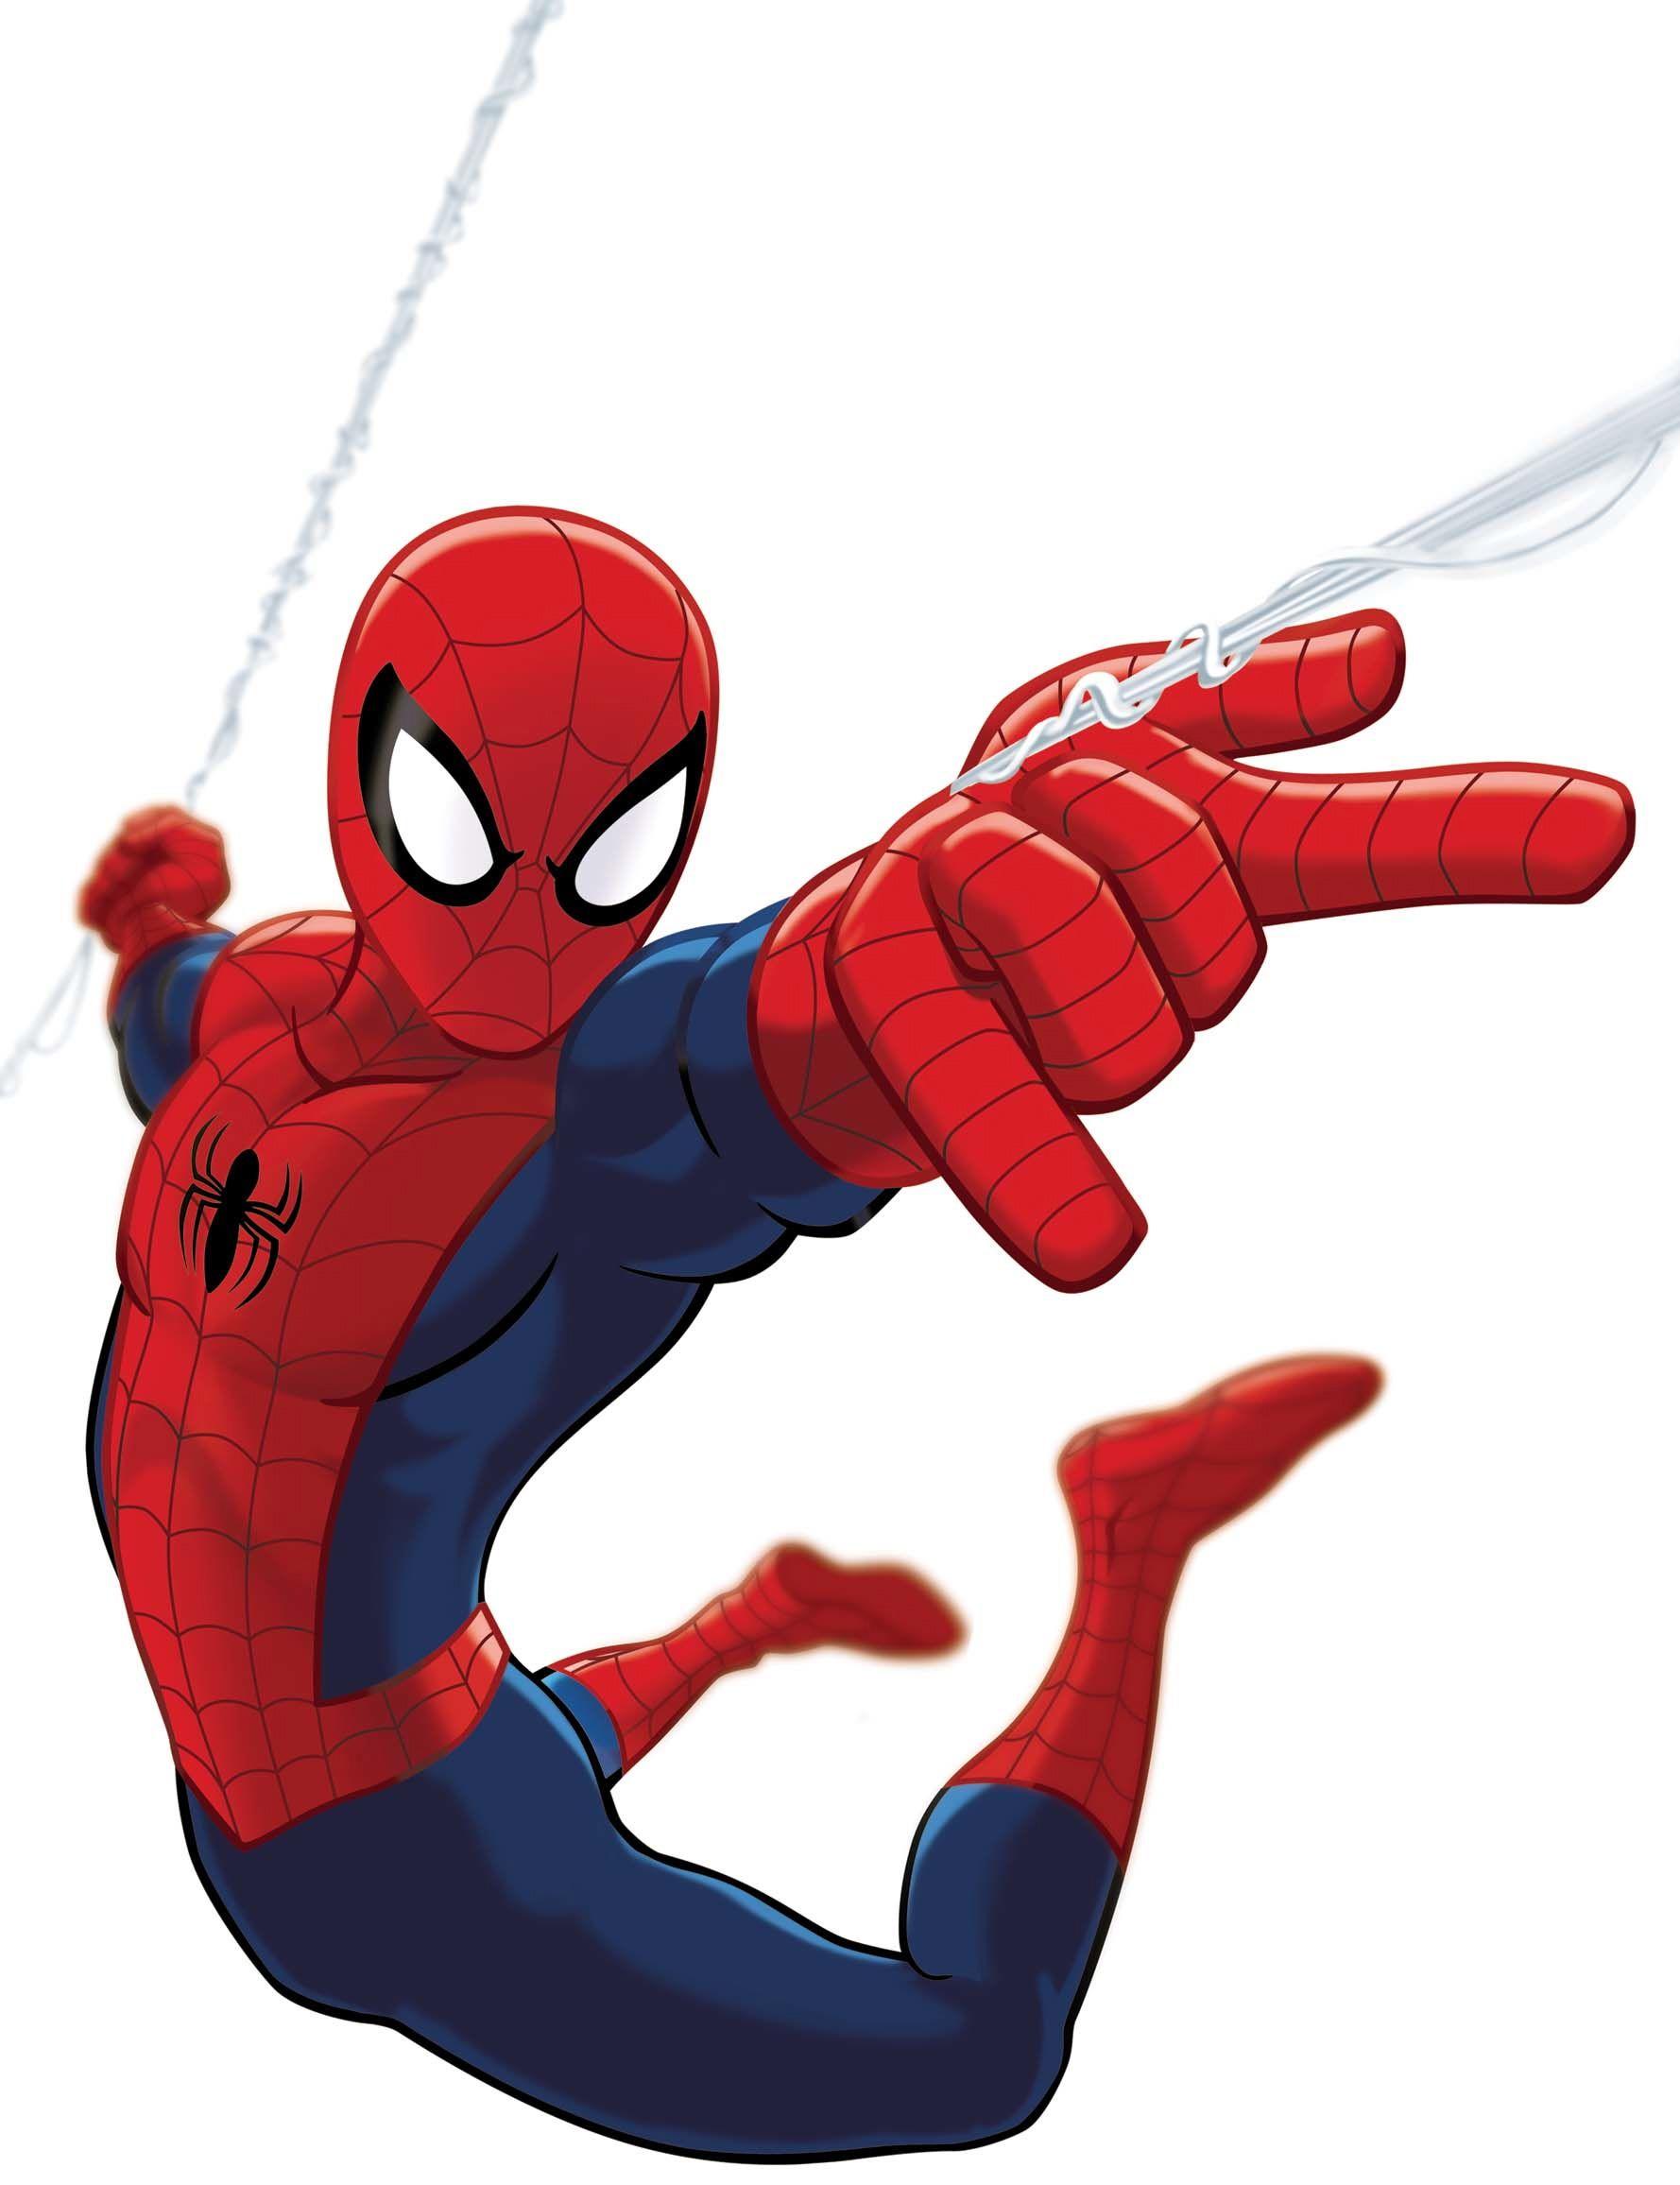 070 SPIDER VIOLETA   Spiderman   Pinterest